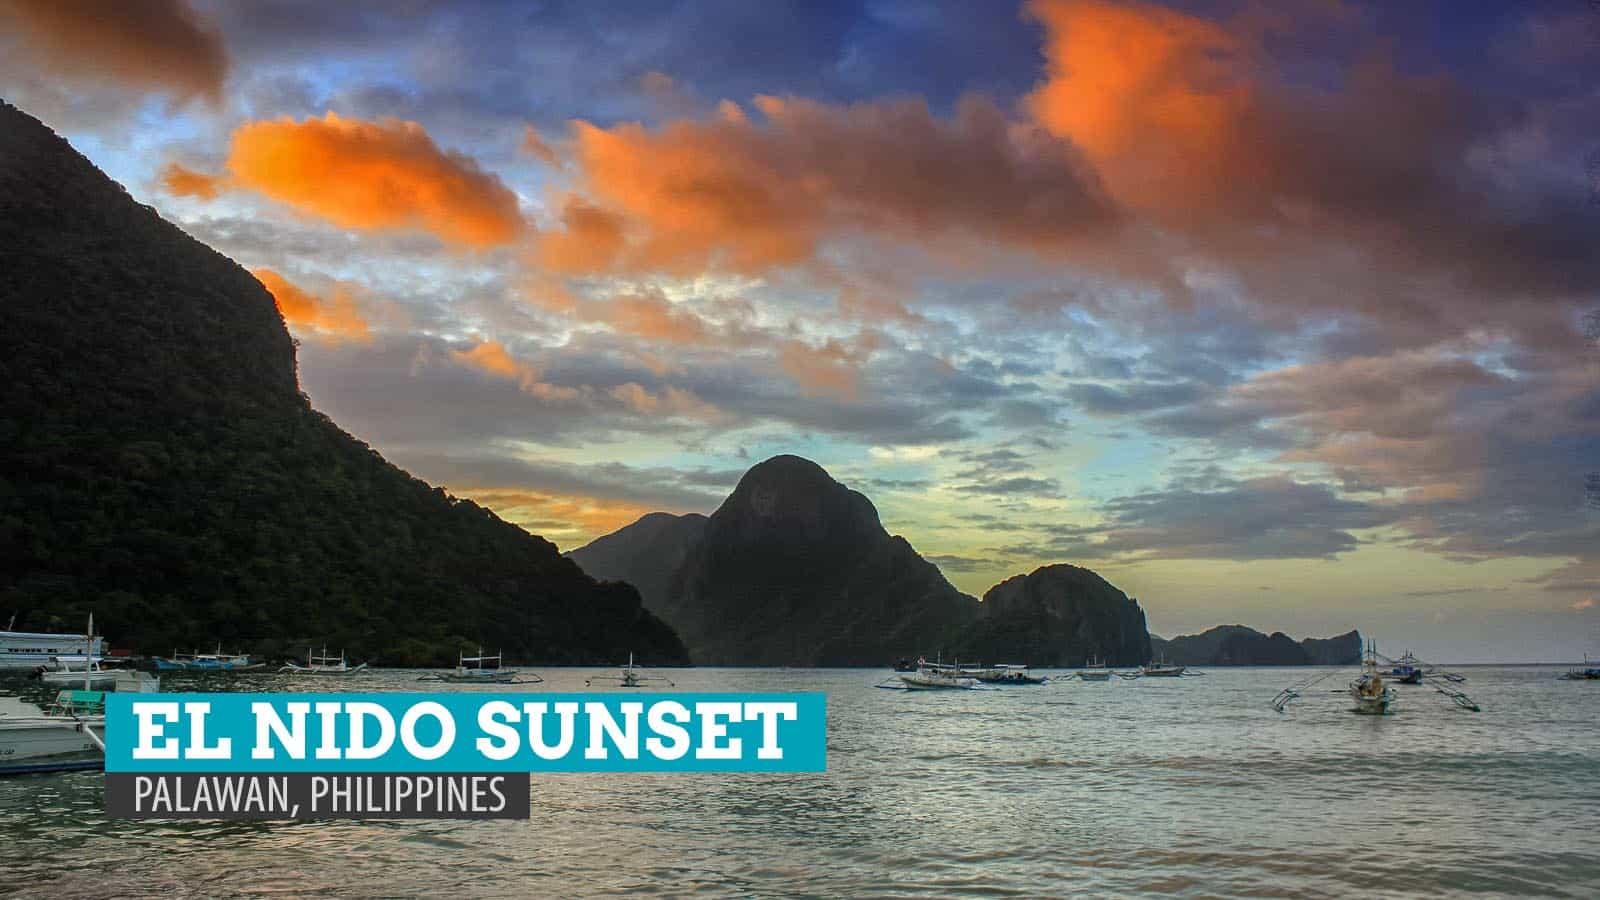 巴拉望岛艾尔尼多的日落漫步   穷游者的行程博客